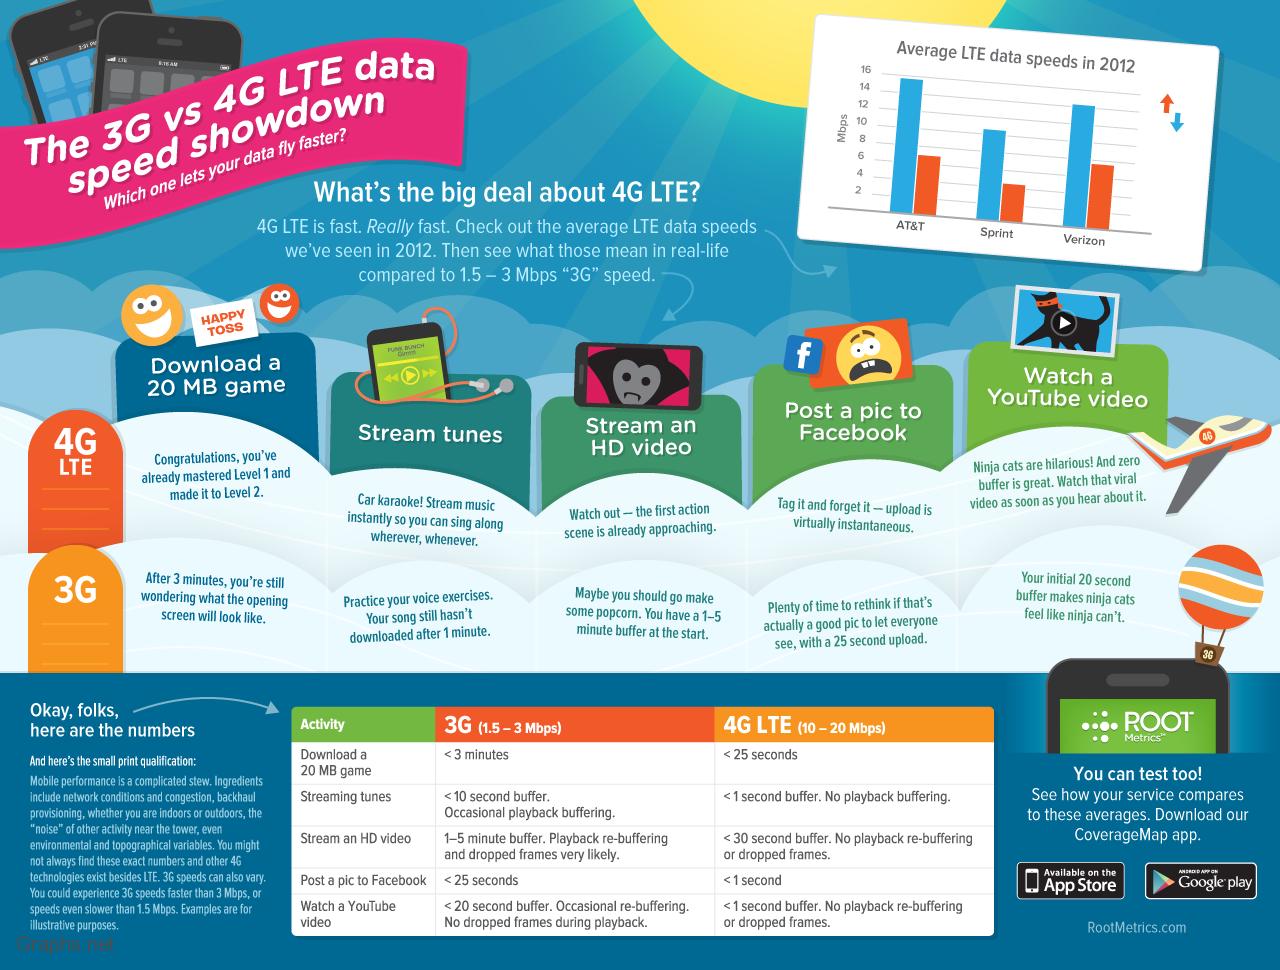 3G vs. 4G LTE